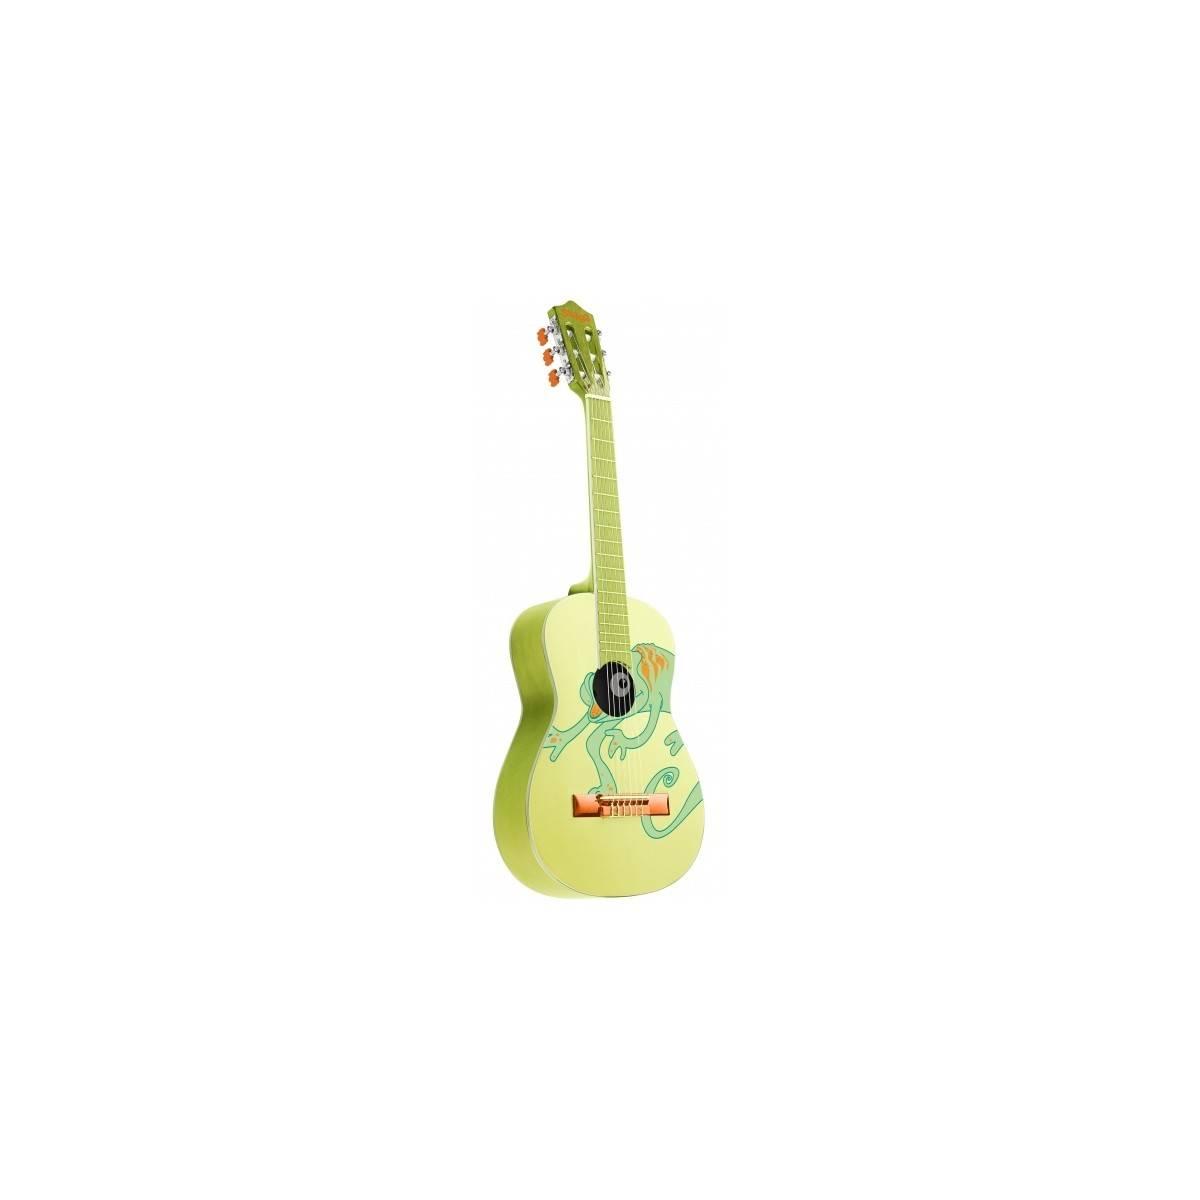 stagg s rie safari tunes guitare enfant classique 3 4 chameleon guitare classique enfant. Black Bedroom Furniture Sets. Home Design Ideas